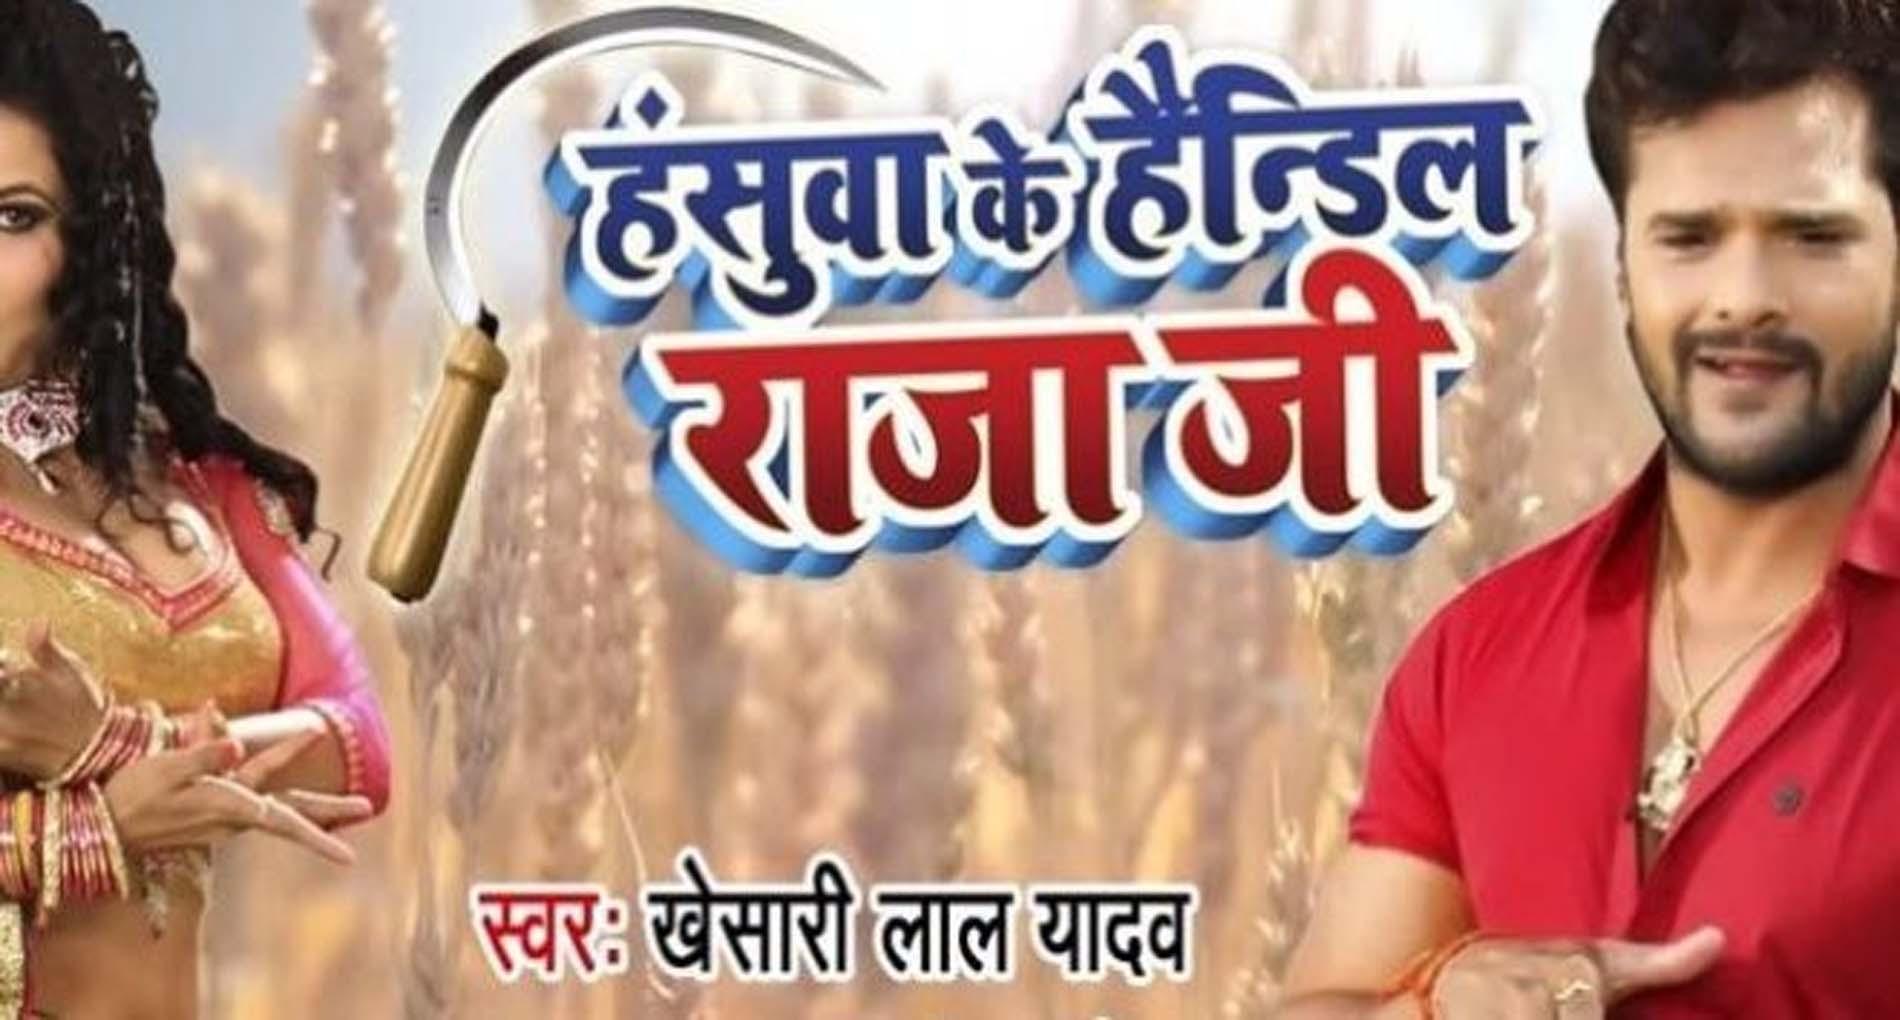 Khesari Lal Video Song: खेसारी लाल का गाना 'हंसुआ के हैंडिल राजा जी' हुआ वायरल! देखें वीडियो